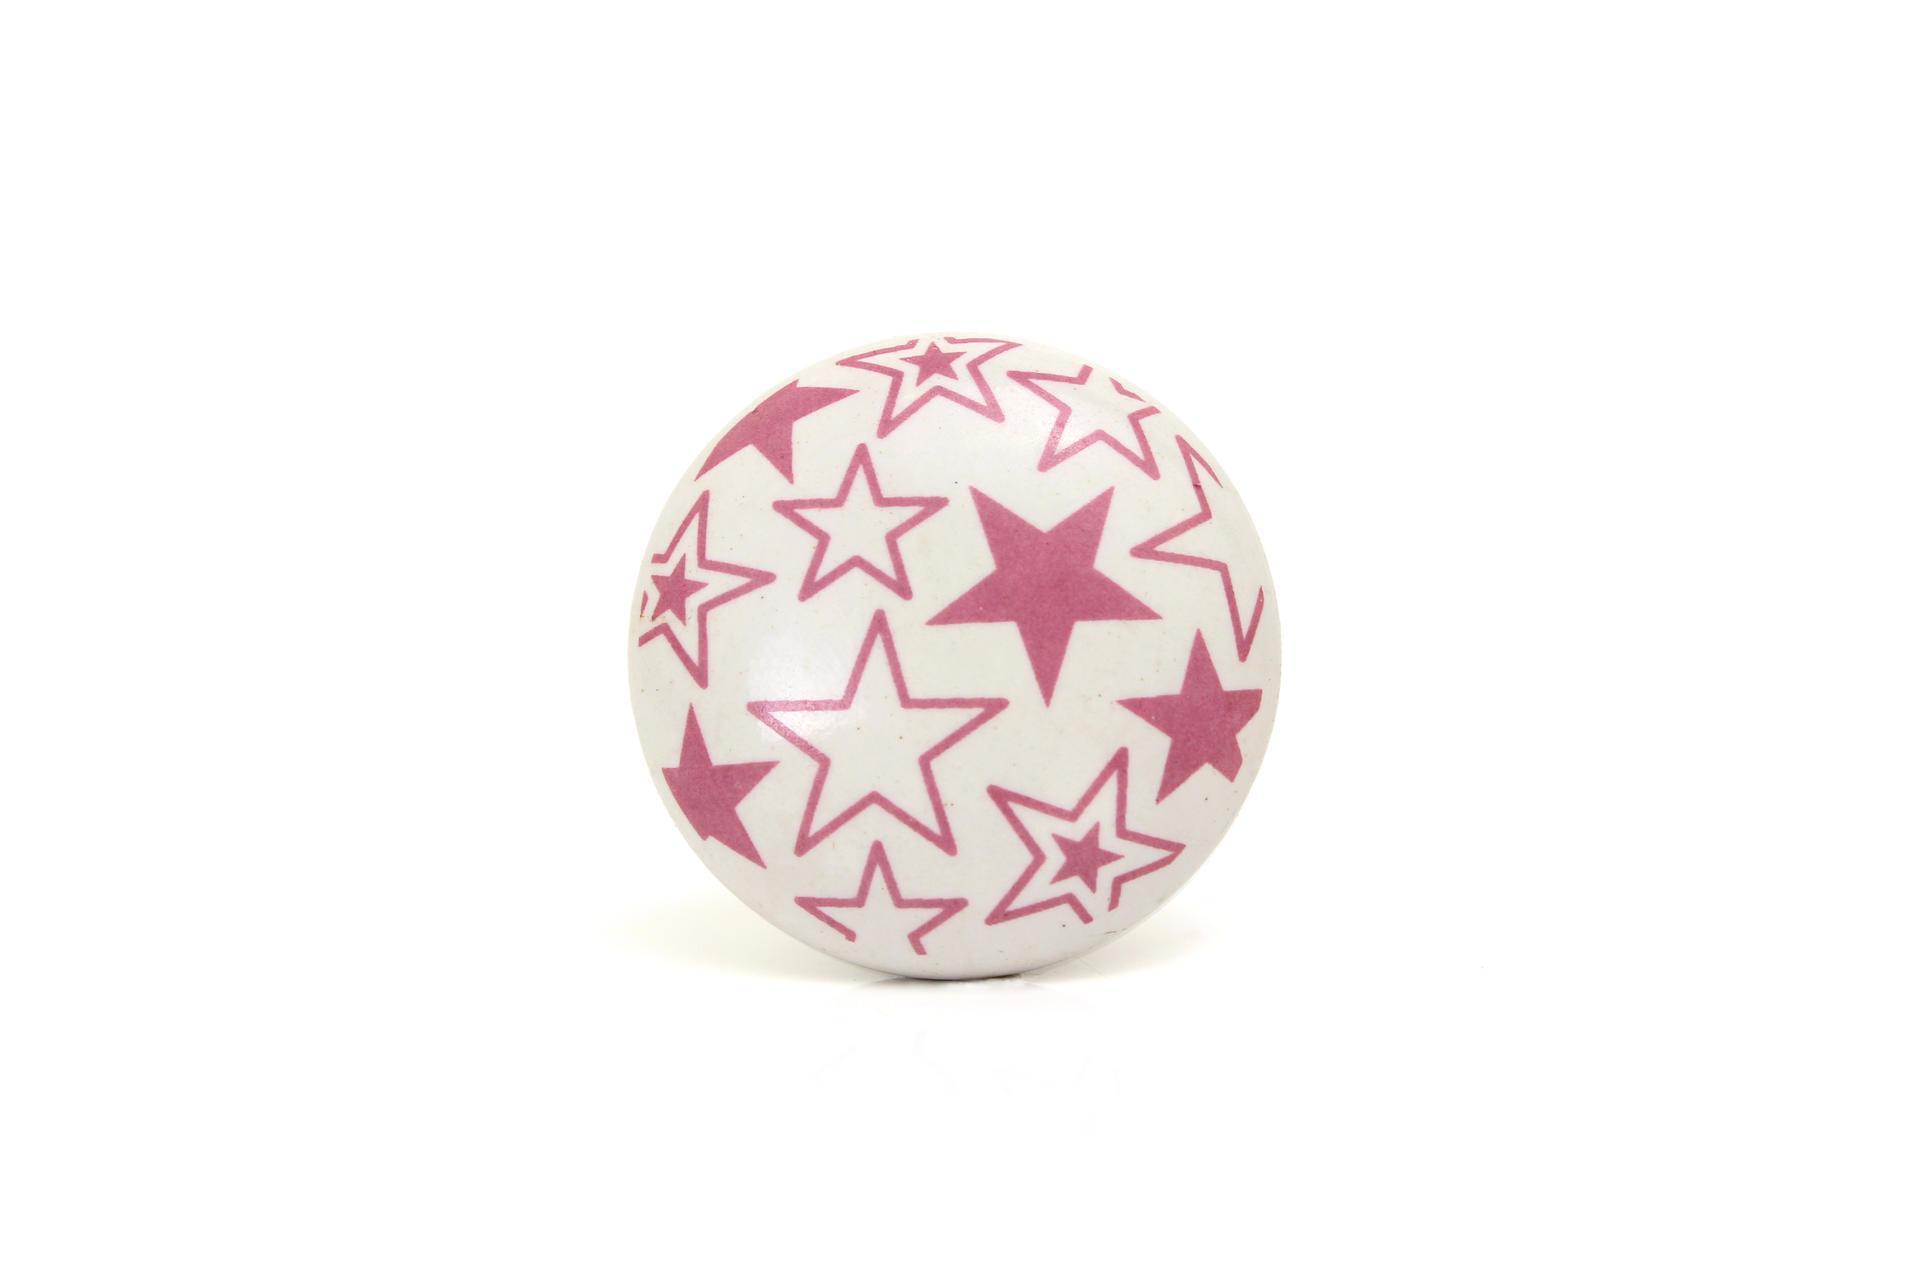 La finesse Porcelánová úchytka Stars pink, růžová barva, porcelán 40 mm